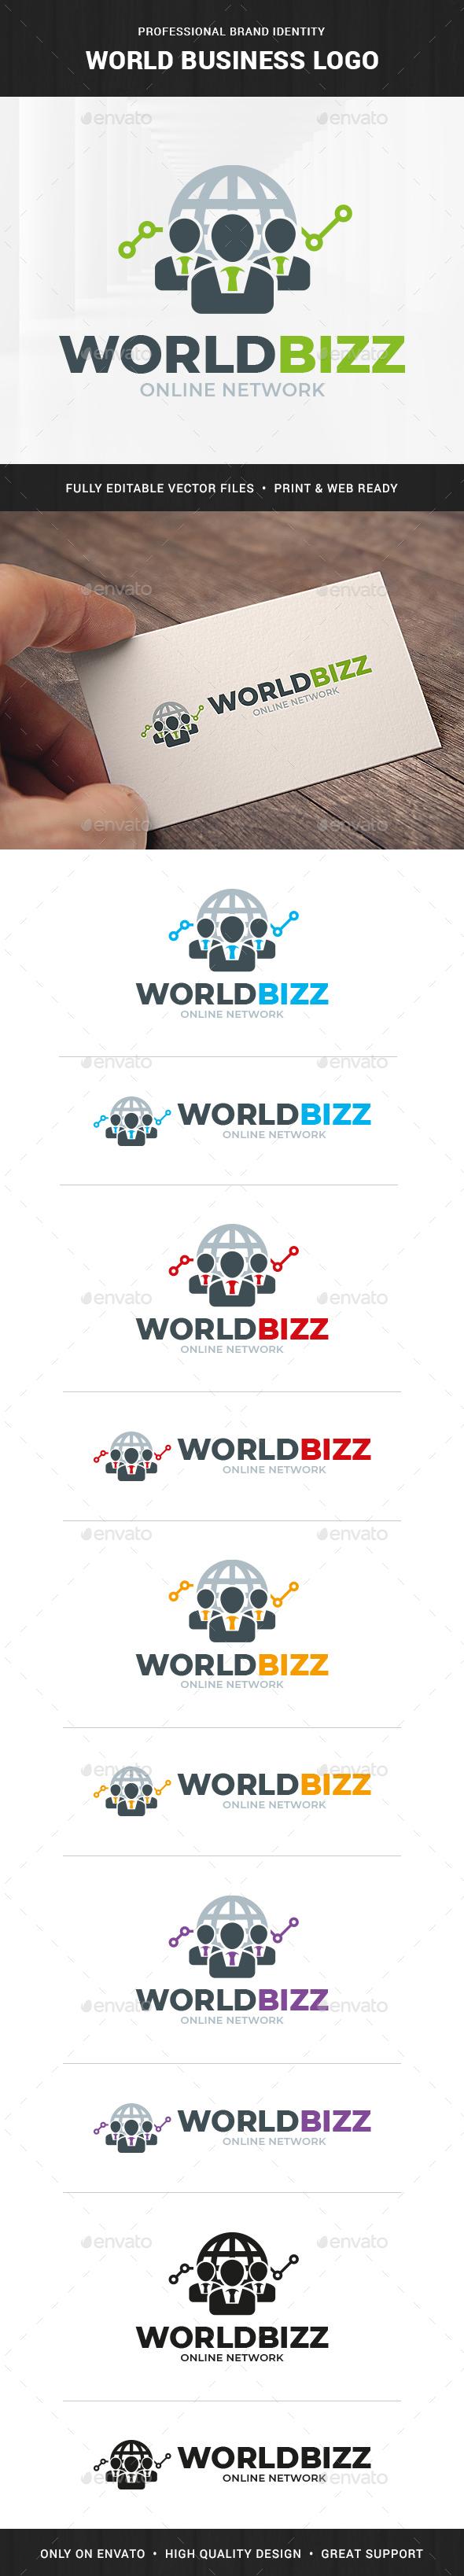 World Business Logo Template